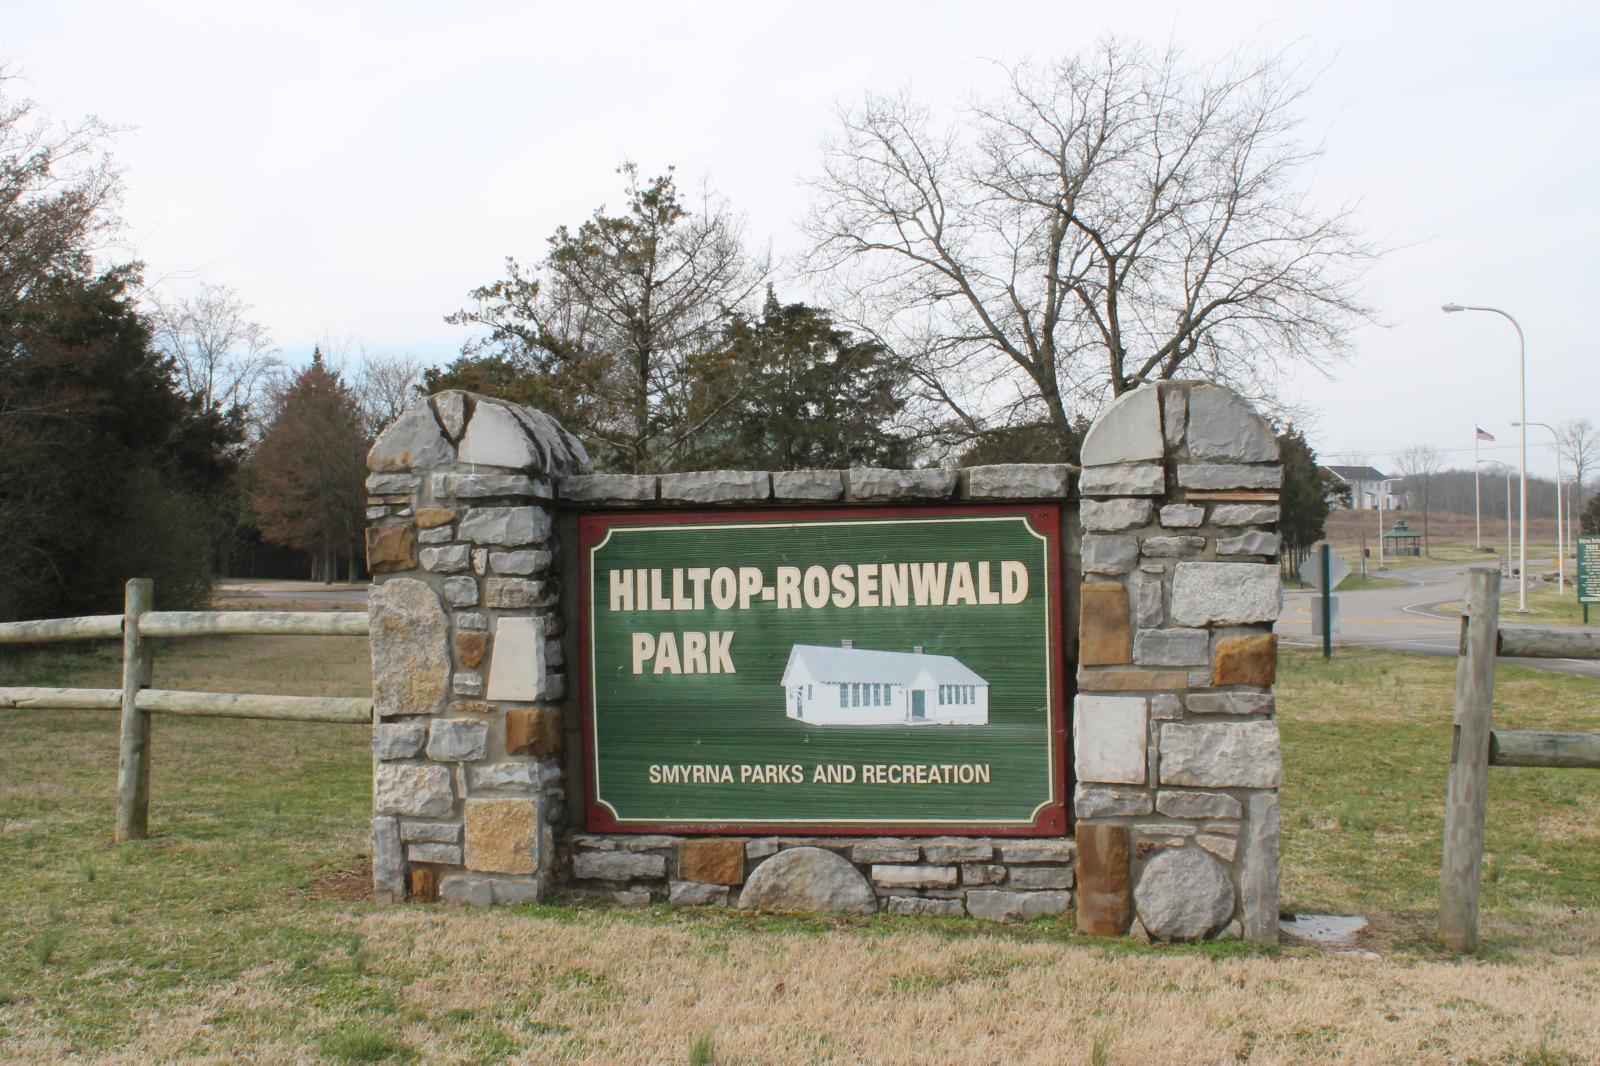 Hilltop Rosenwald Park In Smyrna Tn